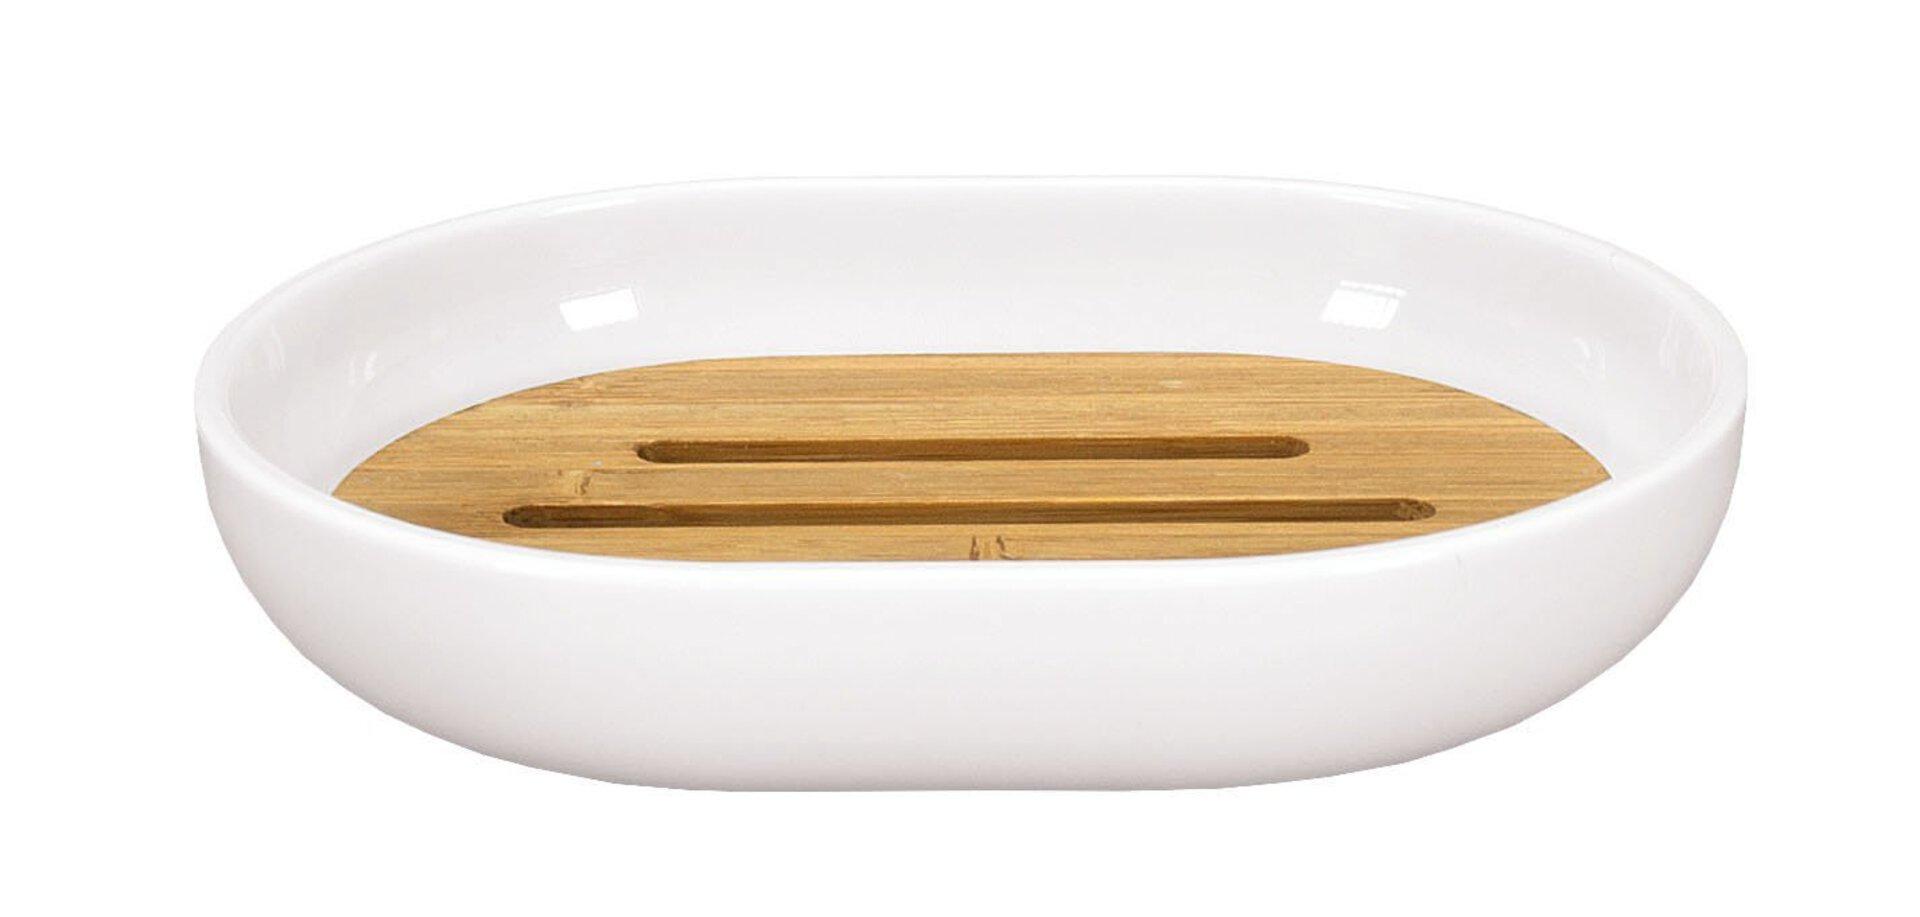 Seifenablage Timber Kleine Wolke Kunststoff 2 x 9 x 12 cm